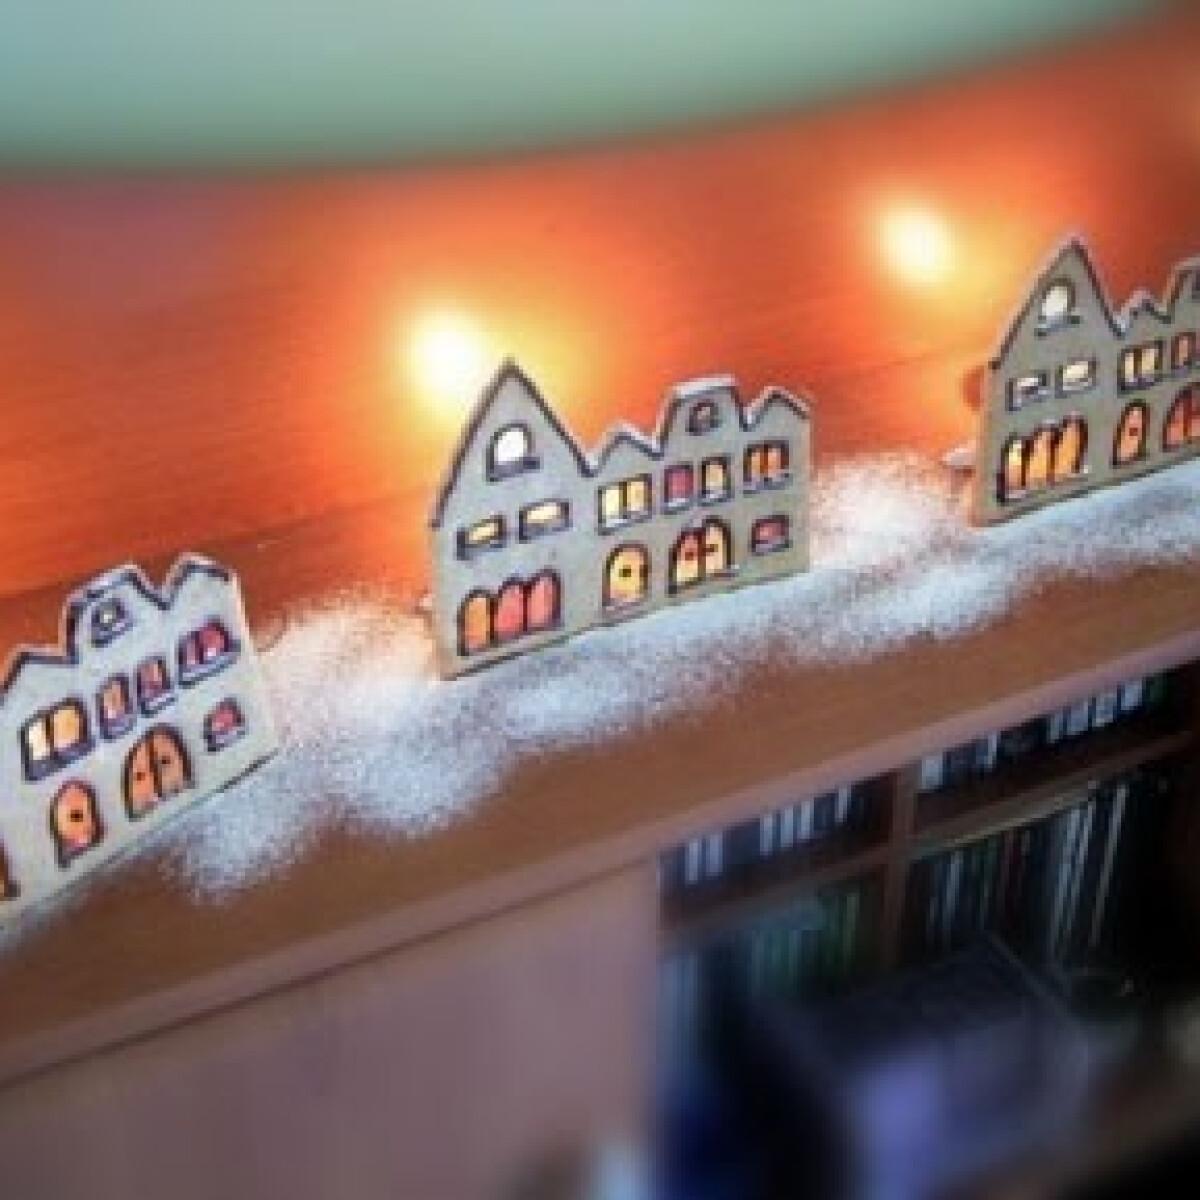 Ezen a képen: Téli utca mézeskalácsból